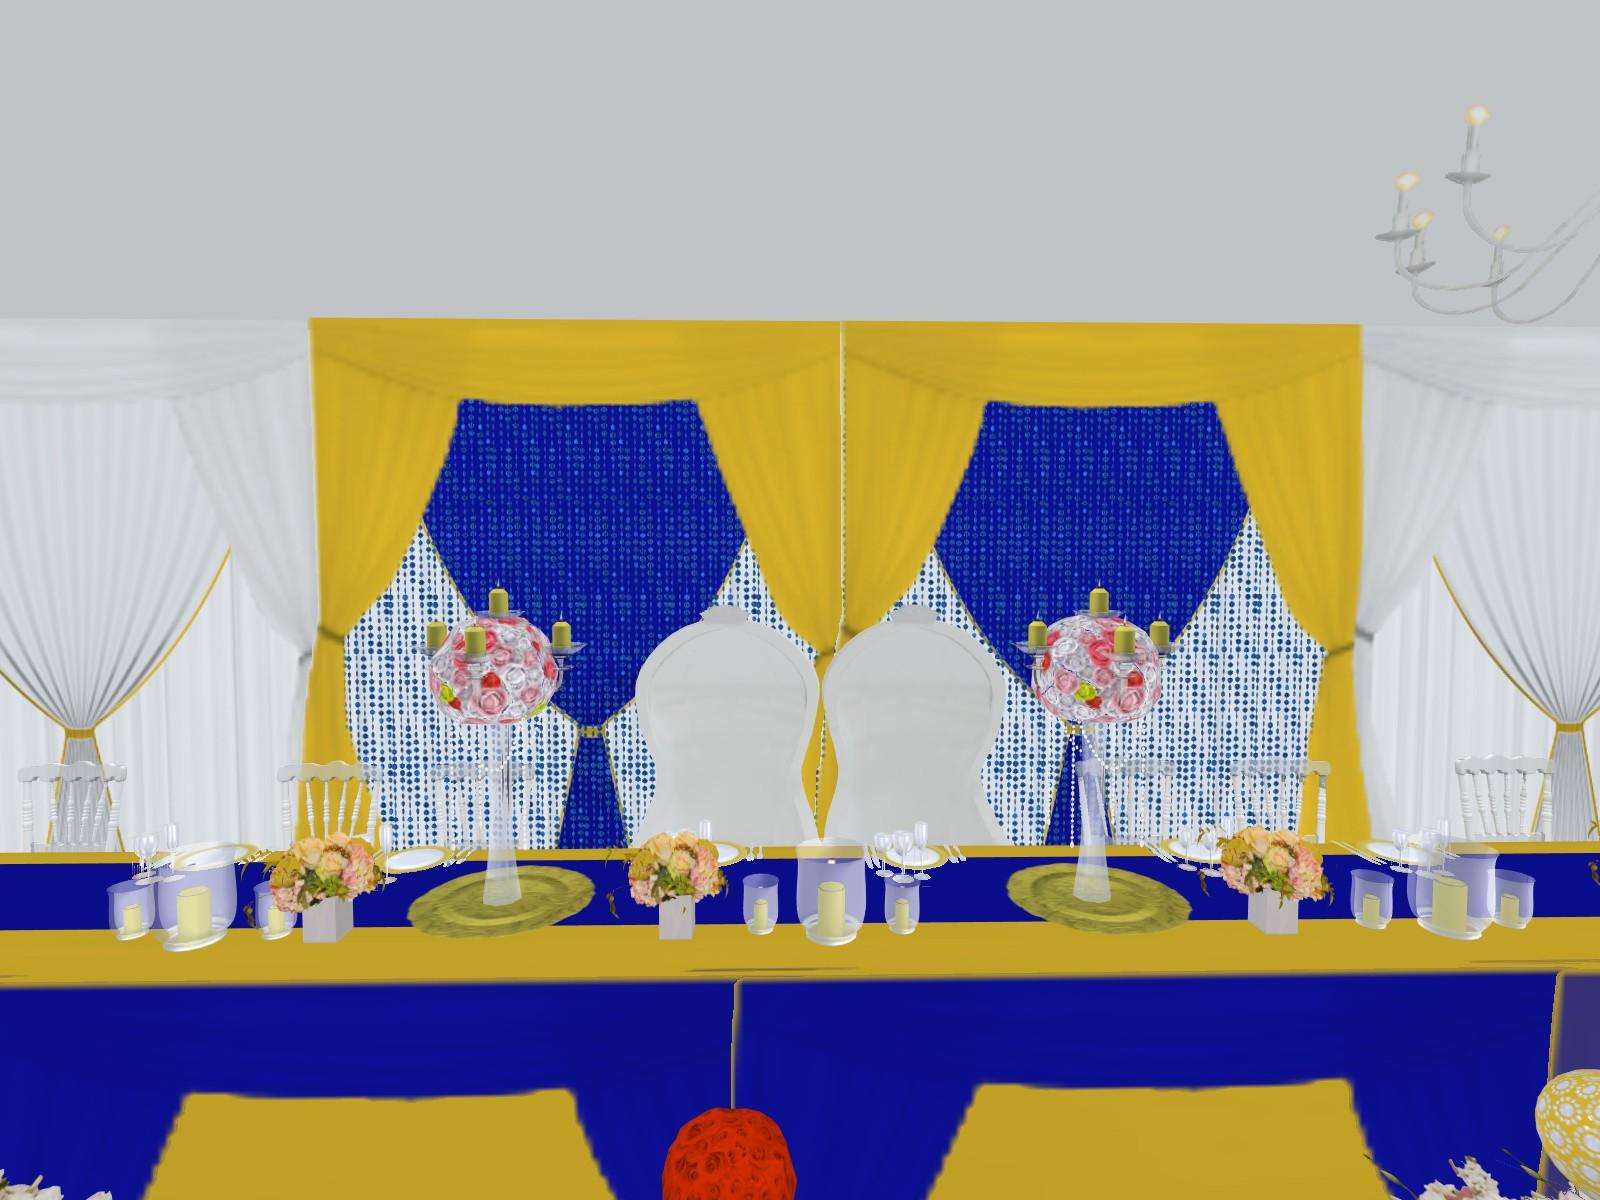 Prestations Plan 3d Evenement Mariage Anniversaire Décoration Evenementielle France Tabledhonneur Place Des Maries